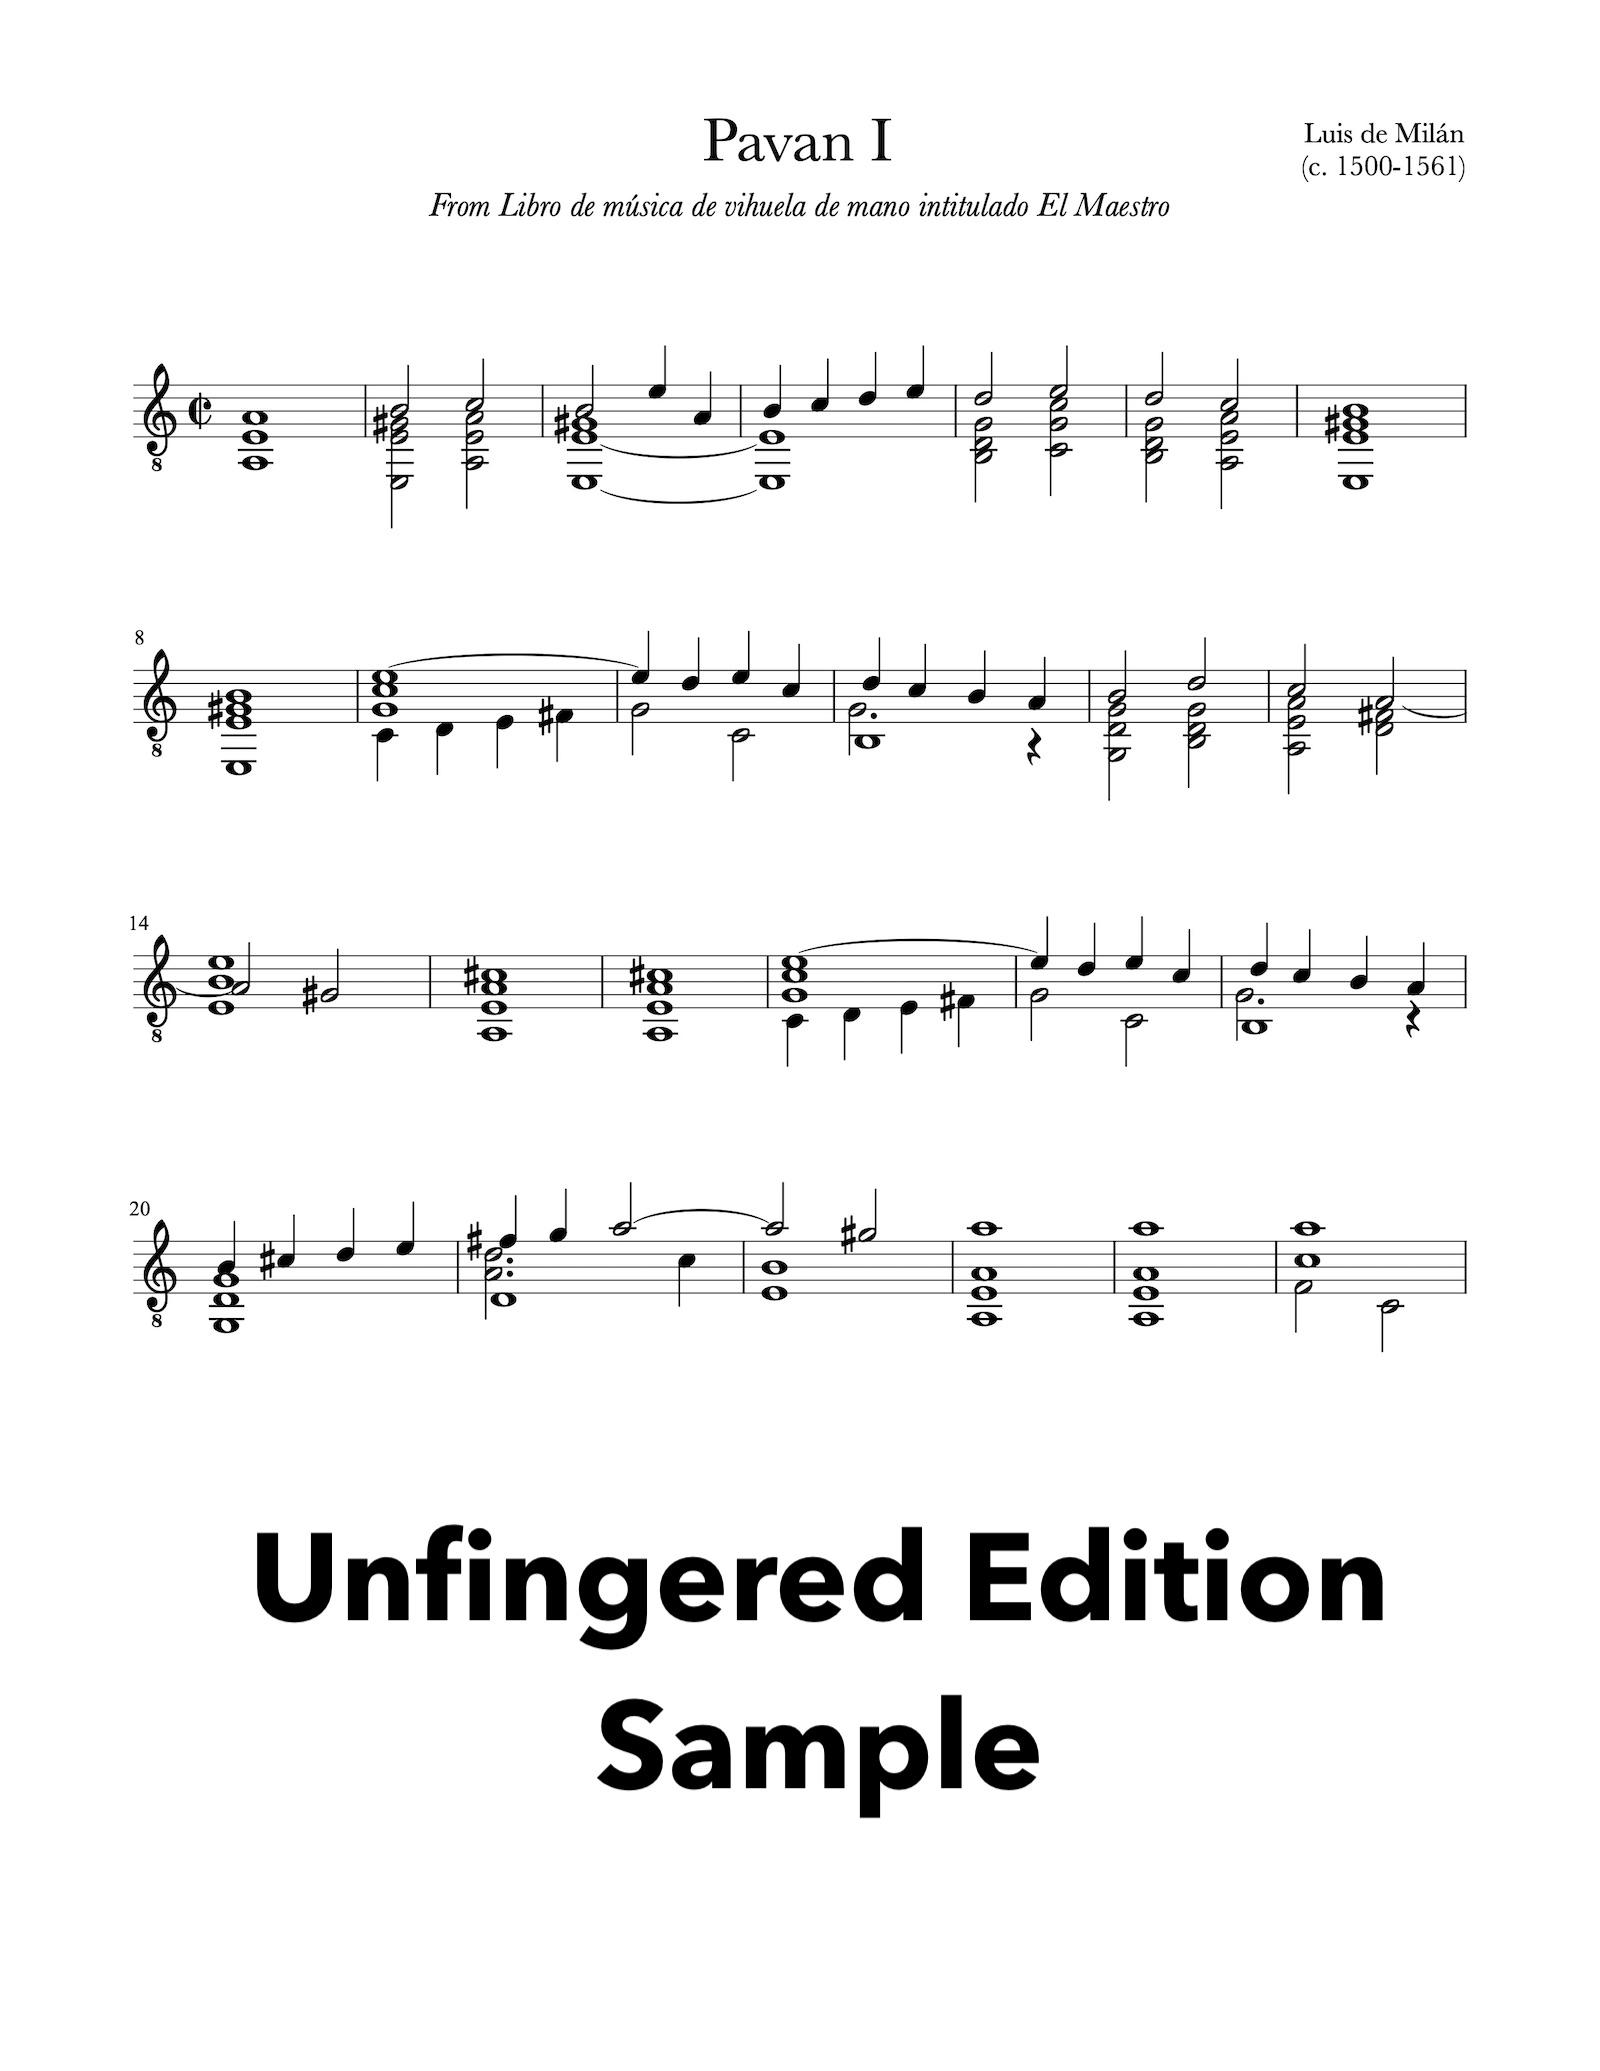 Six Pavans by Luis de Milán - Unfingered Sample